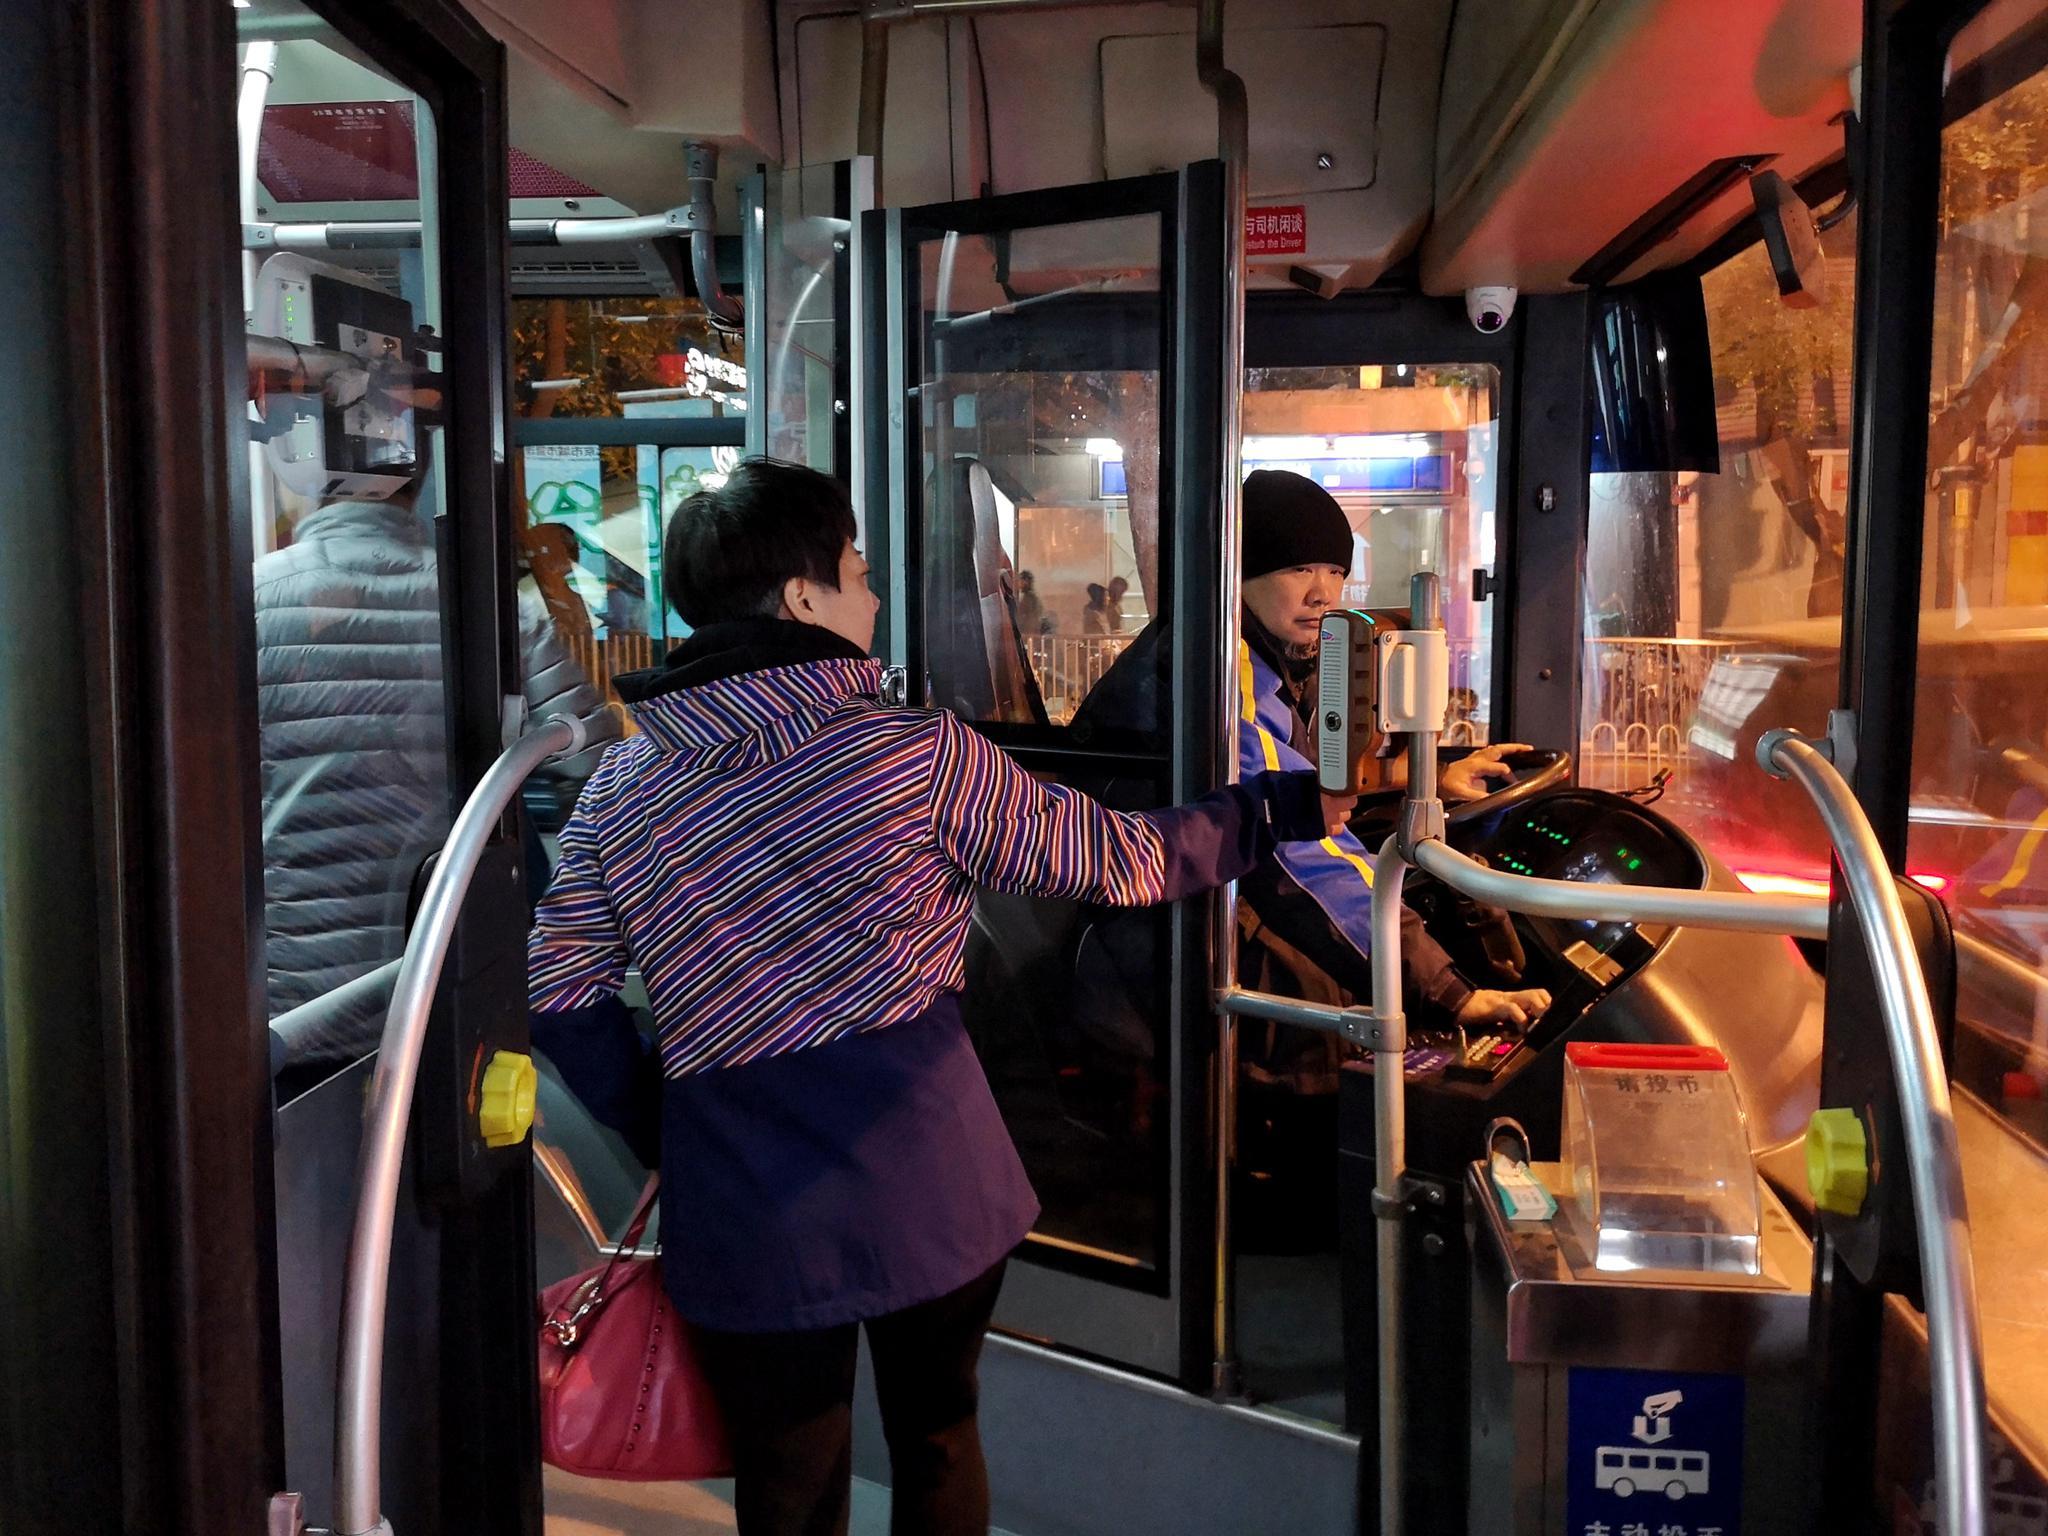 """交通部对行业标准做出要求 新购公交车""""安全隔离门""""高度应不低于1.6米"""